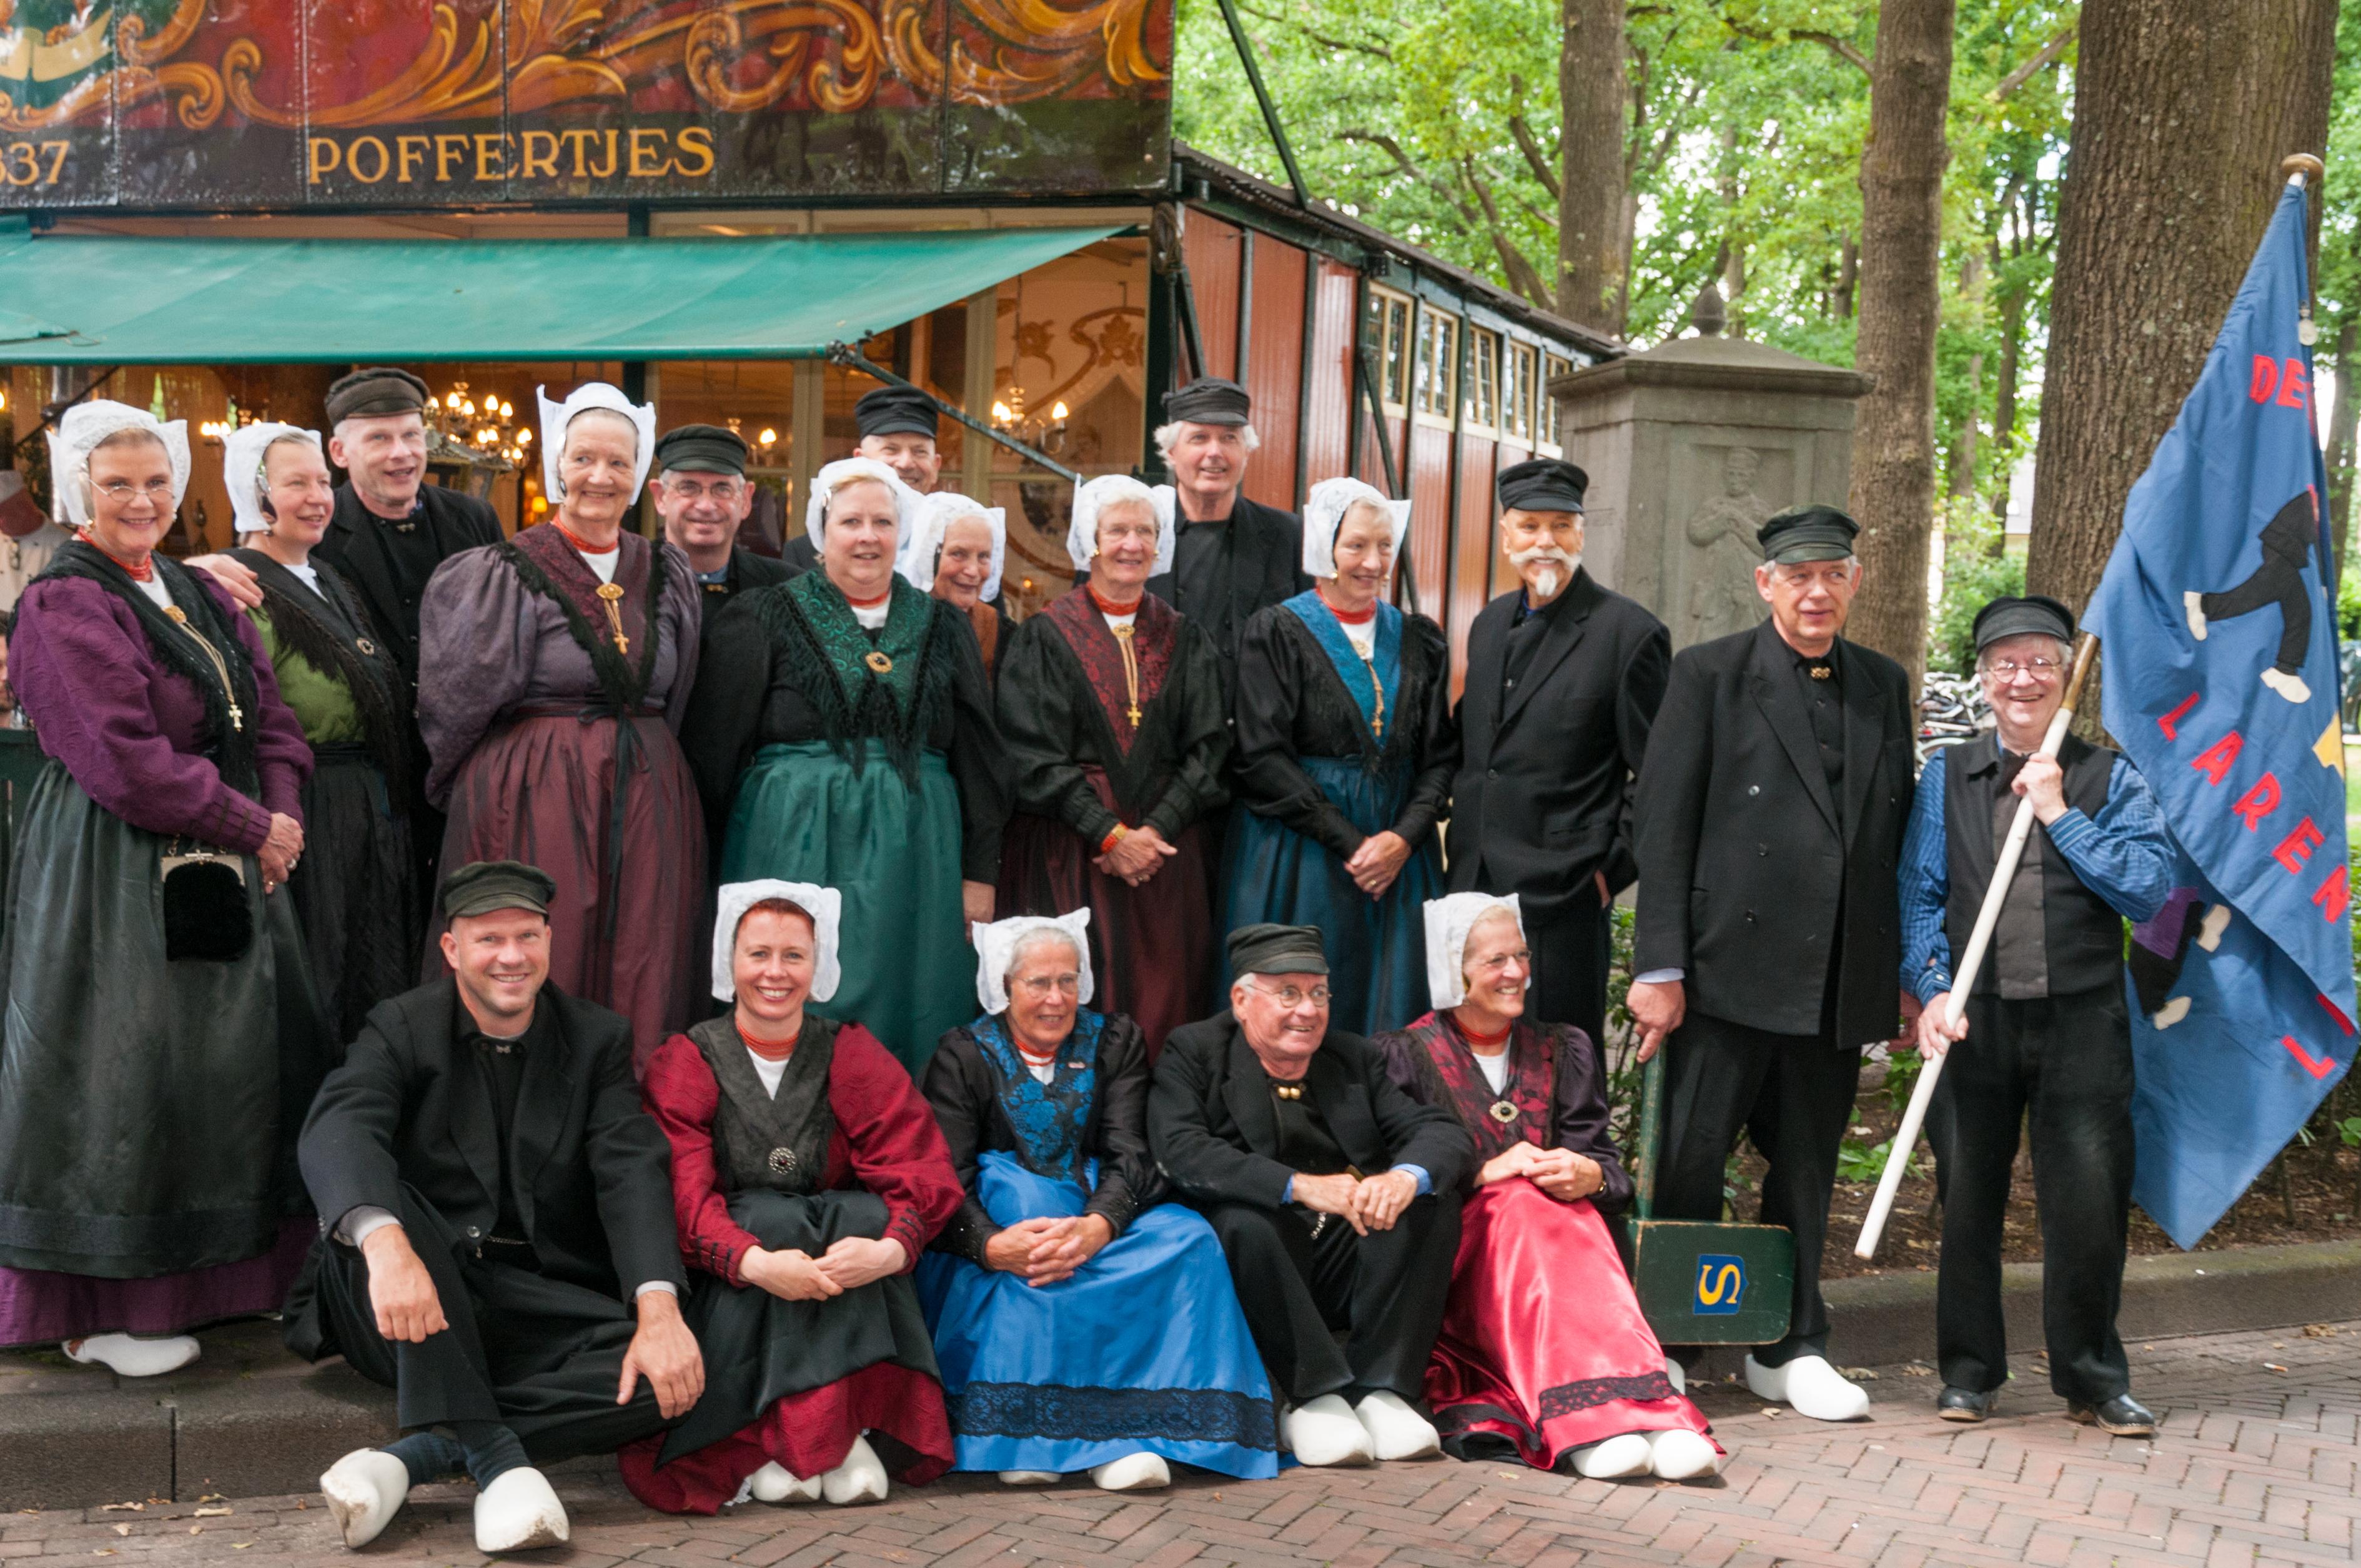 Folkloristische Dansgroep De Klepperman van Elleven